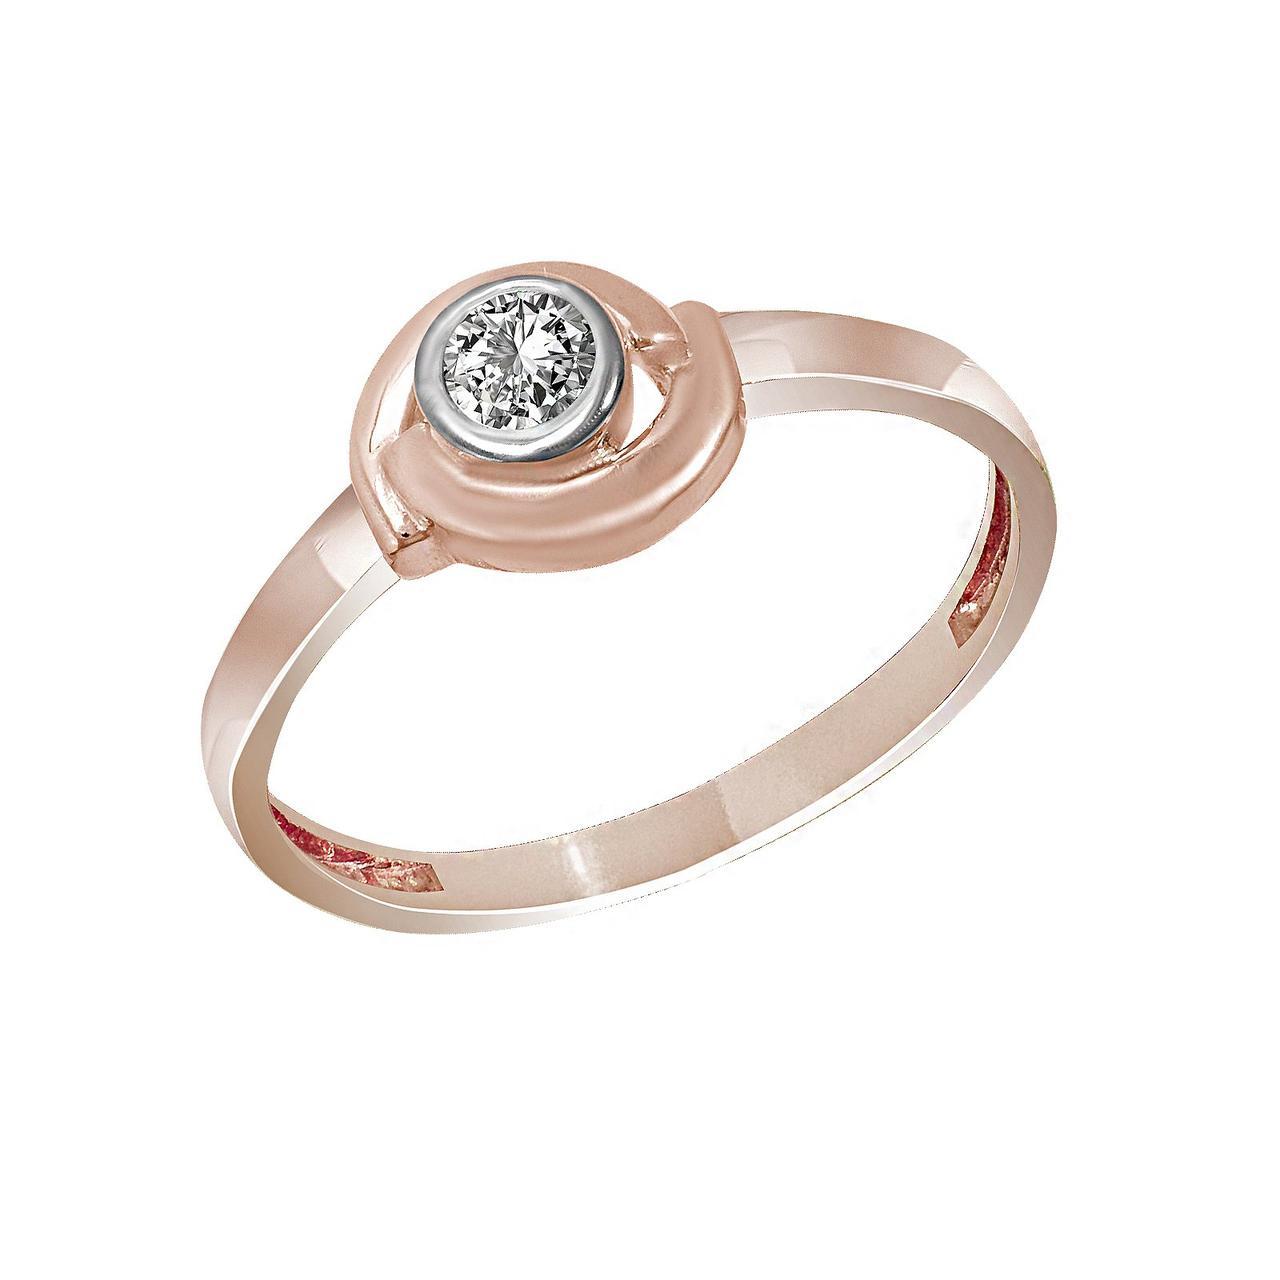 Золотое кольцо с куб. циркониями, размер 17 (1654649)